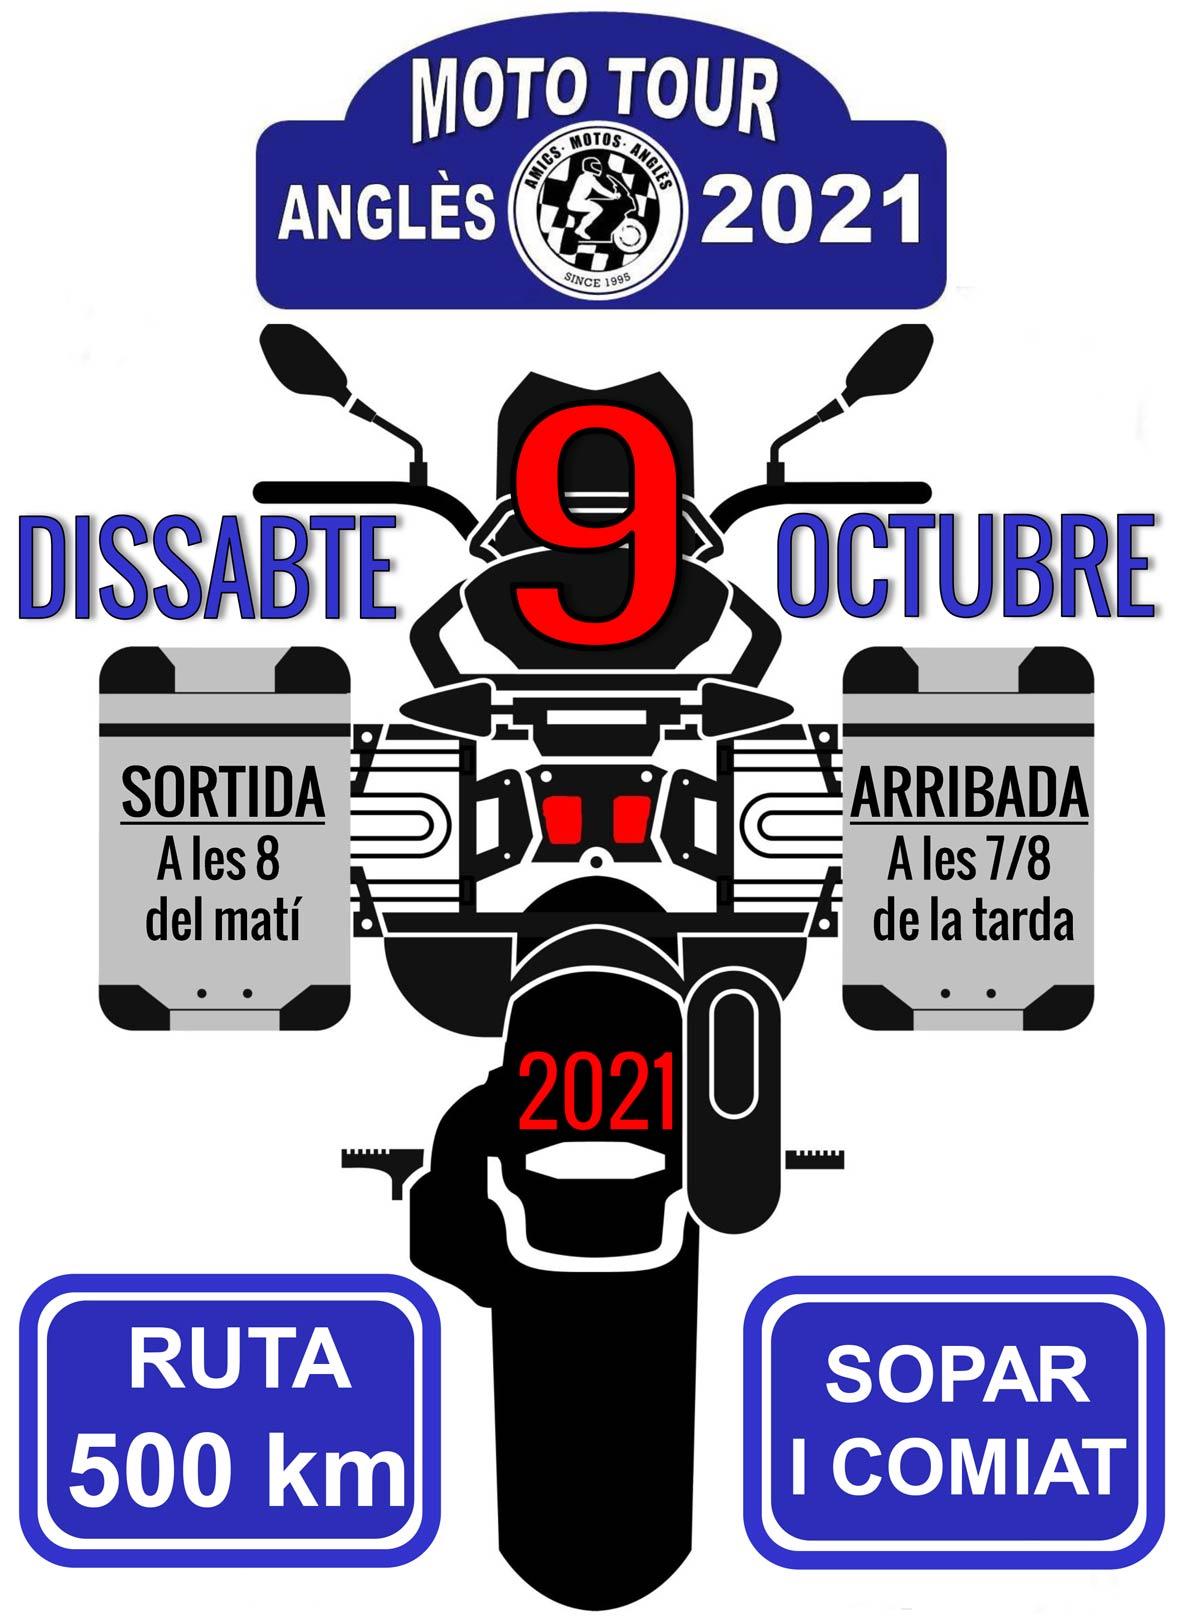 Moto Tour 2021